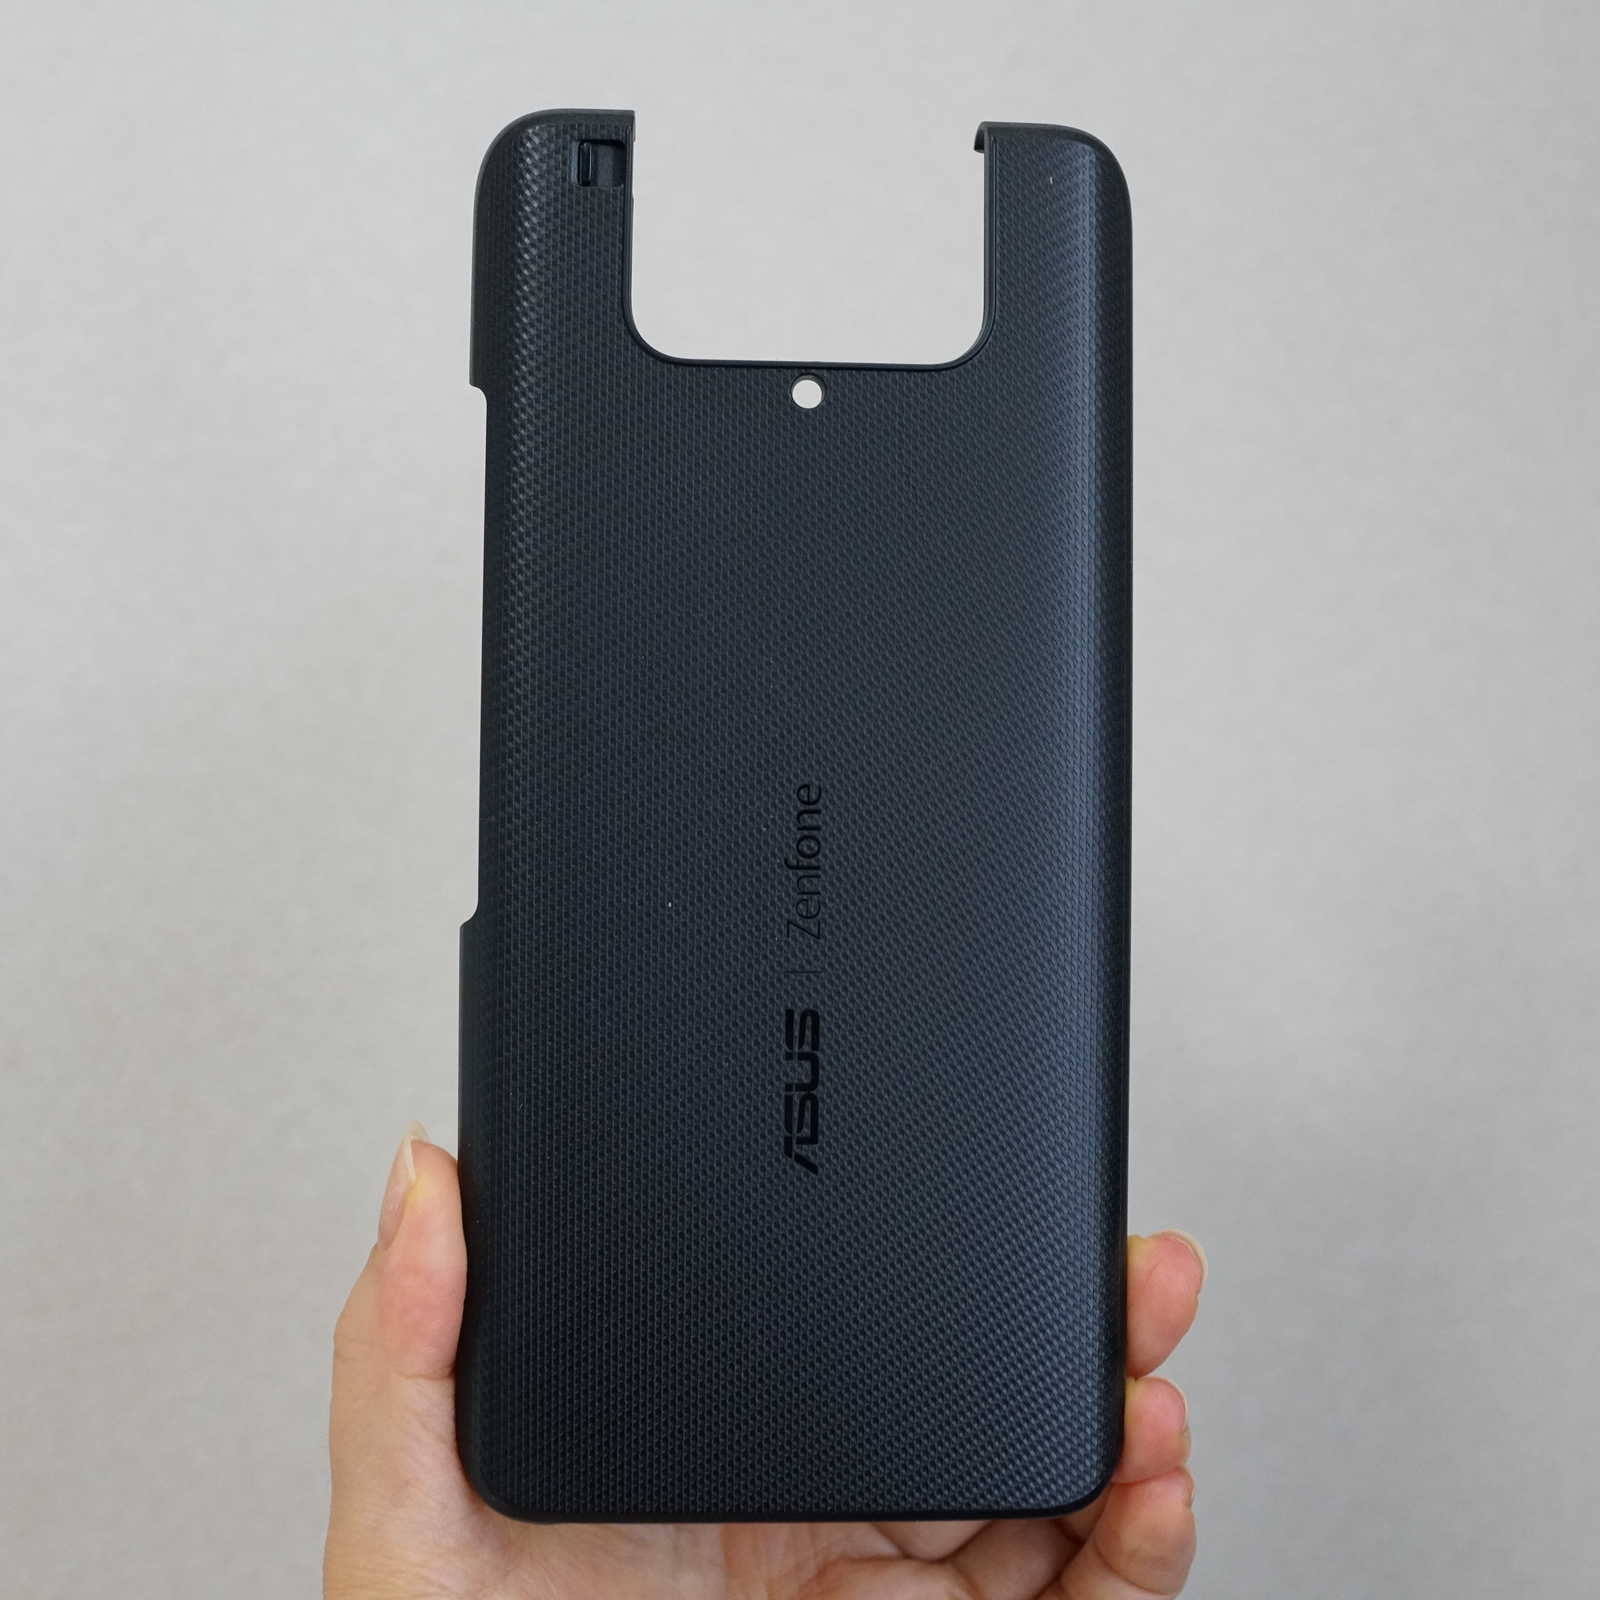 ASUS Zenfone 8 Flip レビュー 保護ケースの写真写真